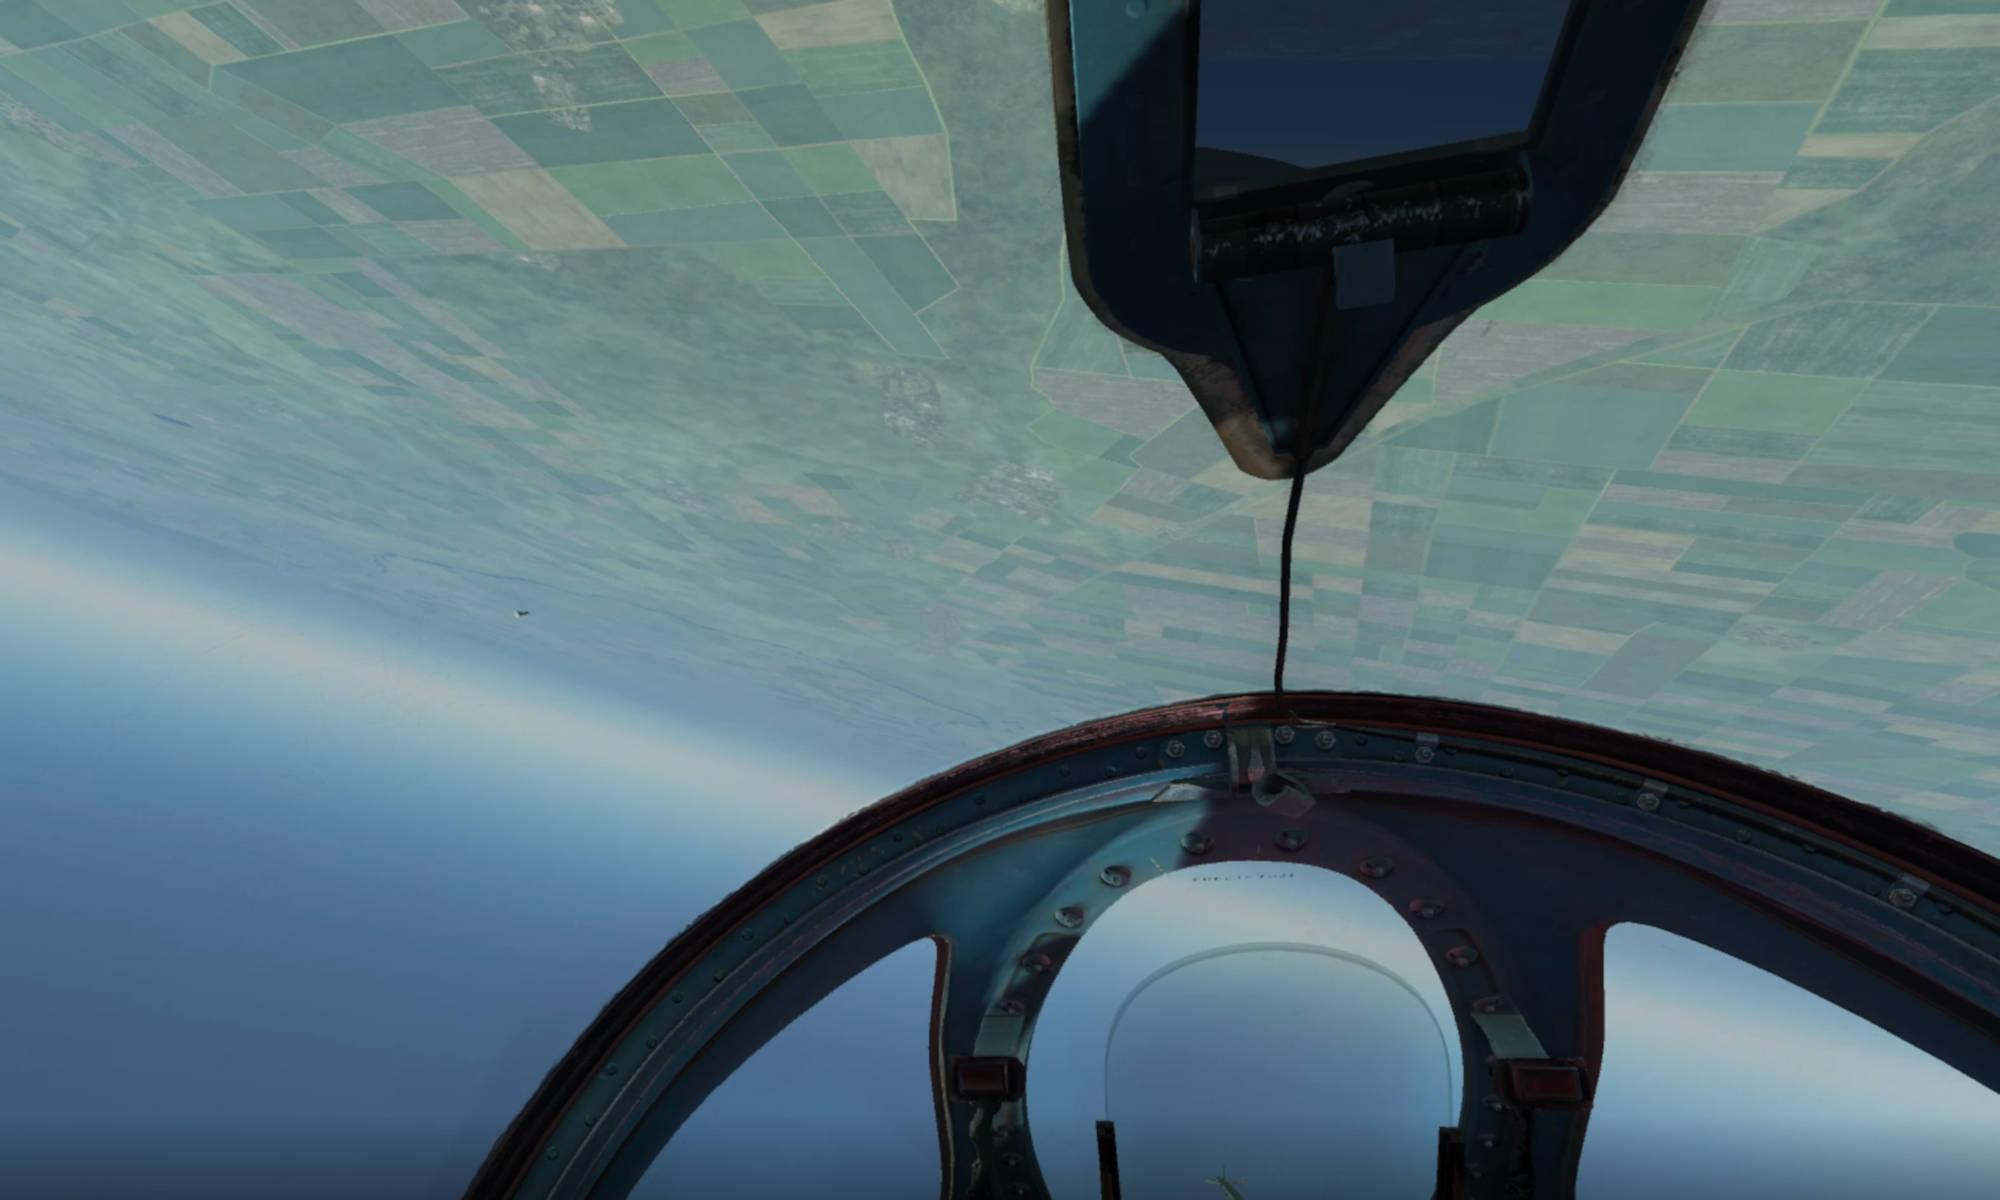 DCS World: Миг-21бис – отработка маневров парой